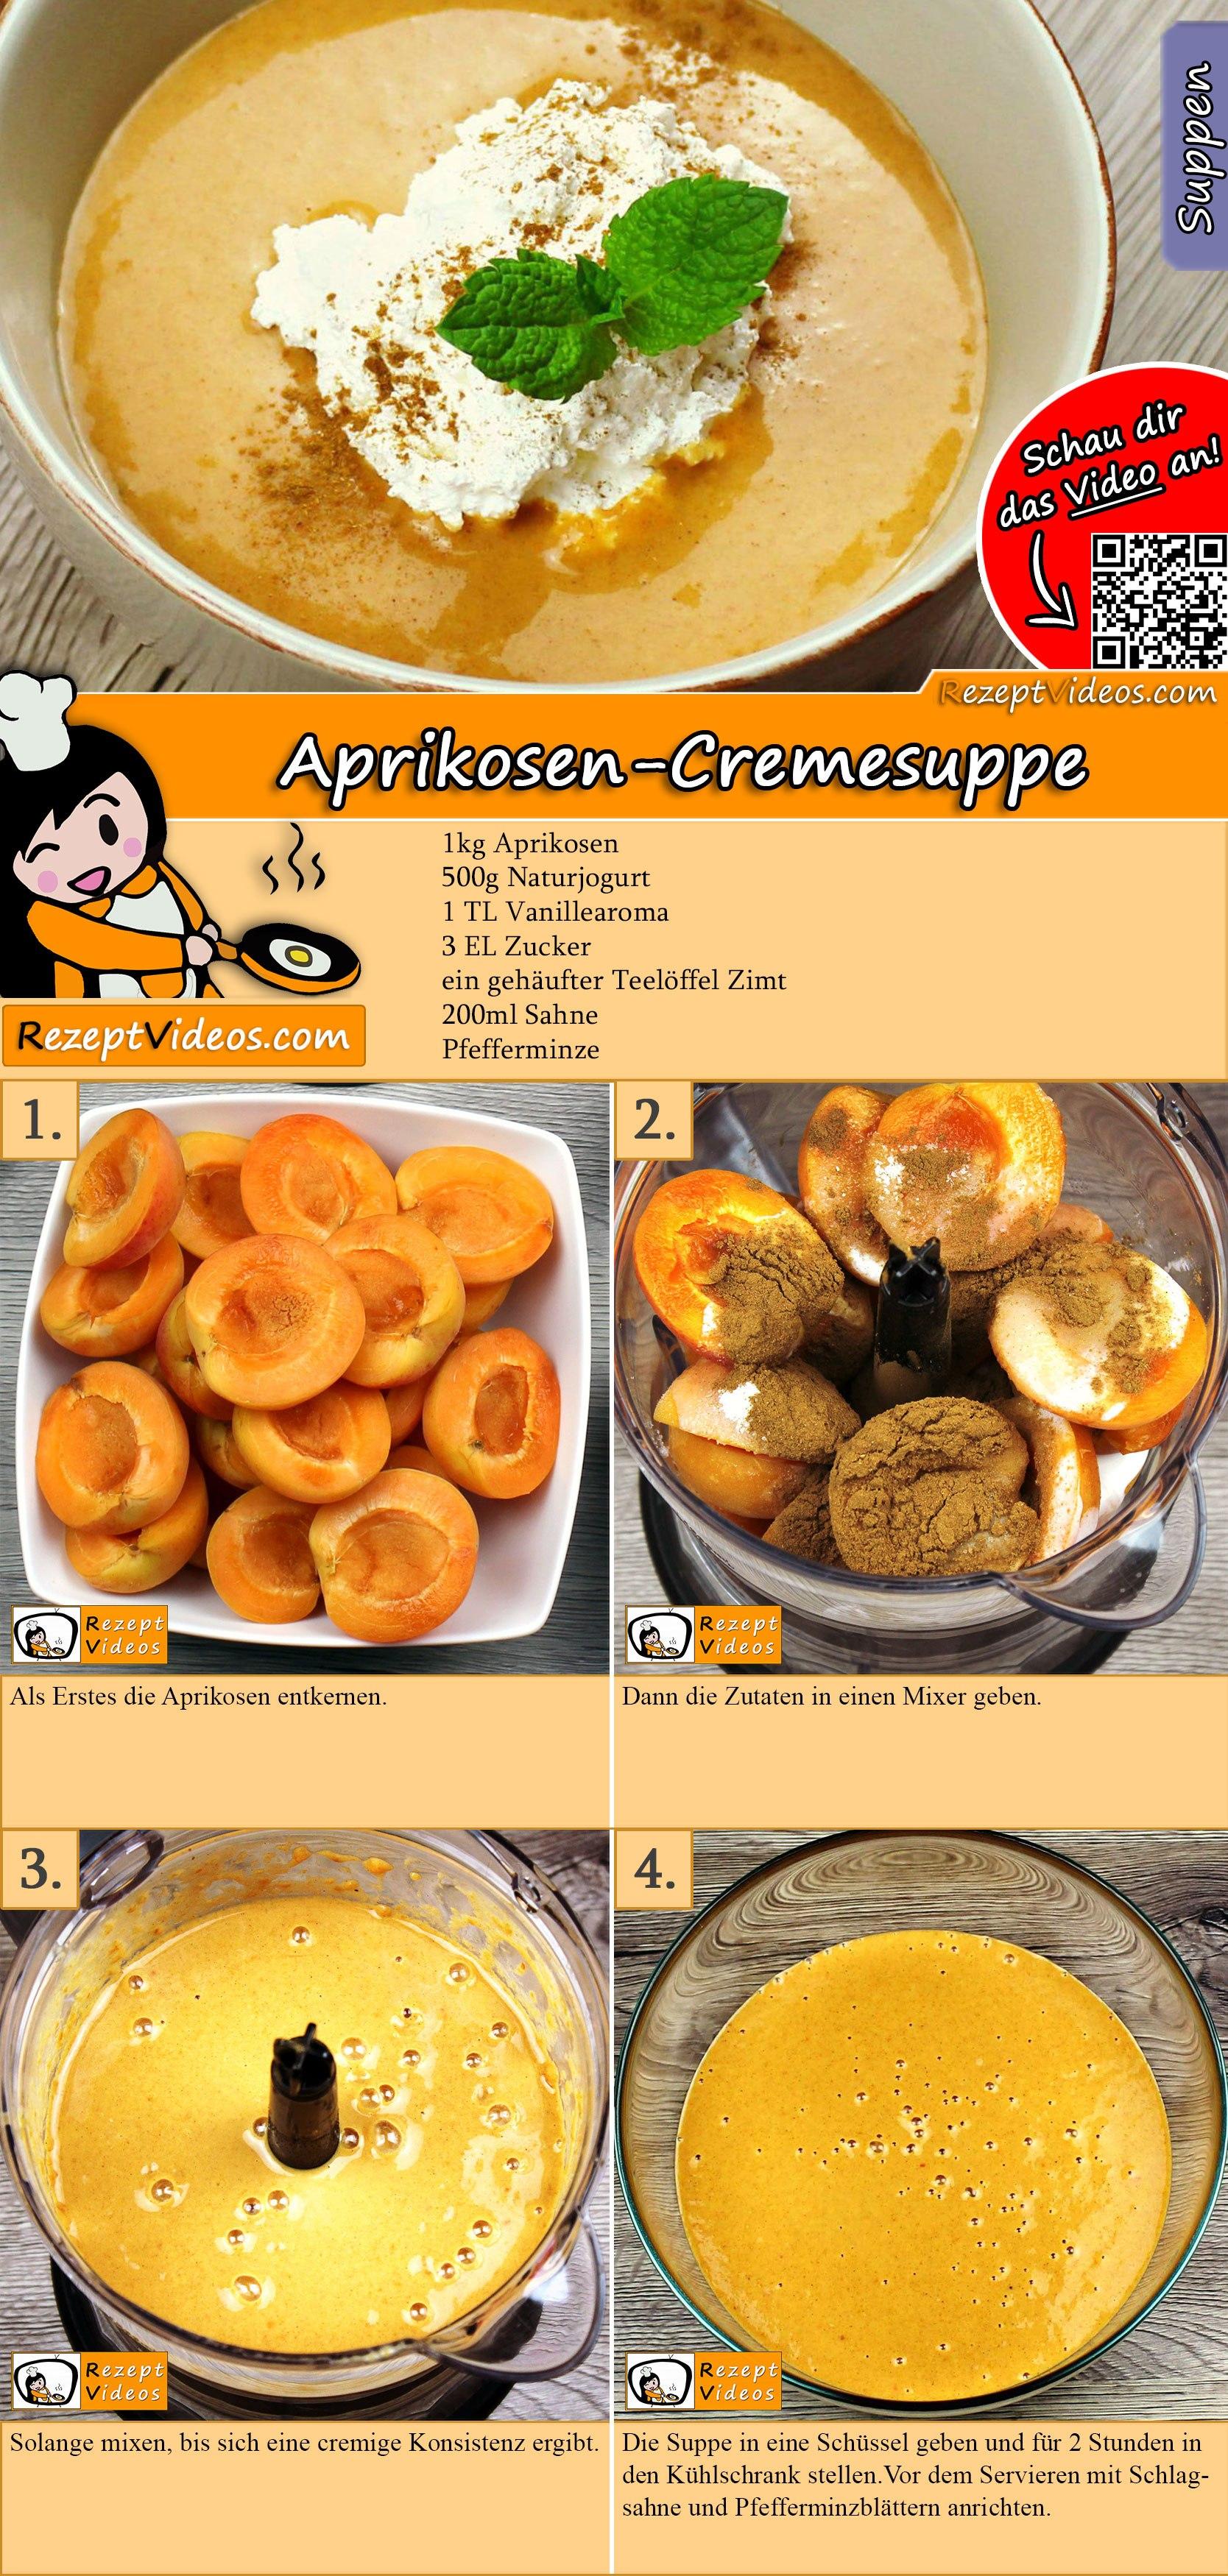 Aprikosen-Cremesuppe Rezept mit Video